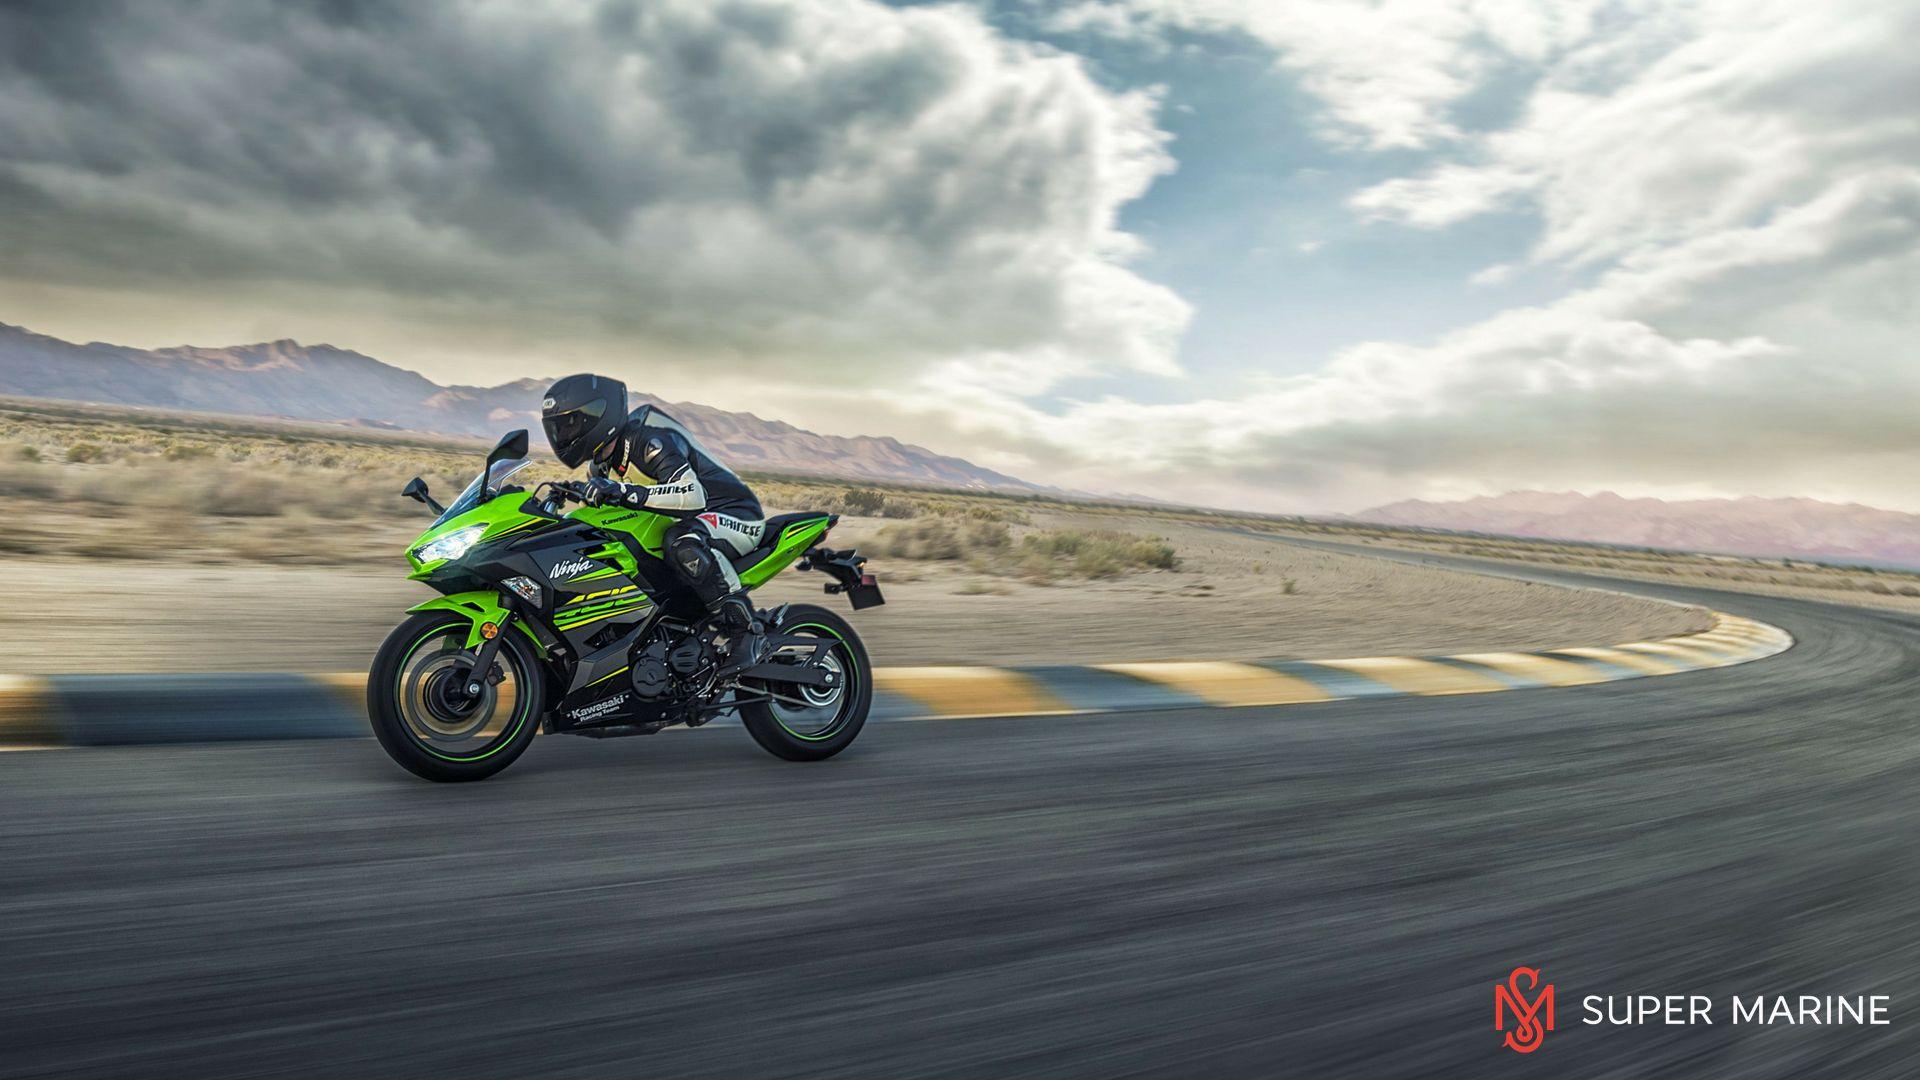 Мотоцикл Kawasaki Ninja 400 Черный 2020 - 12